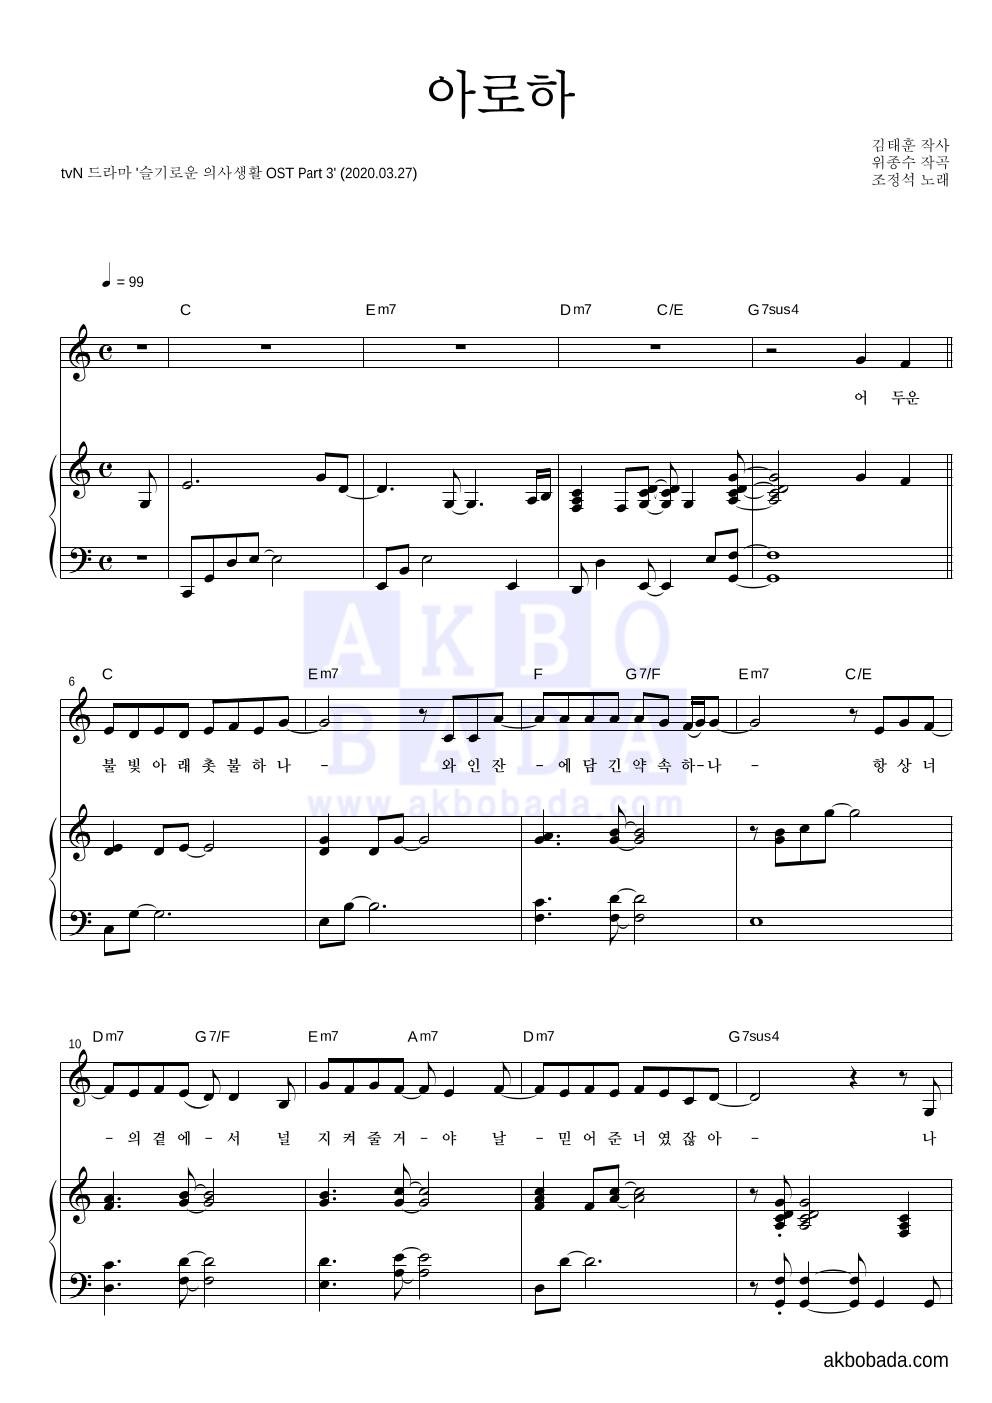 조정석 - 아로하 멜로디 + 셀피 악보